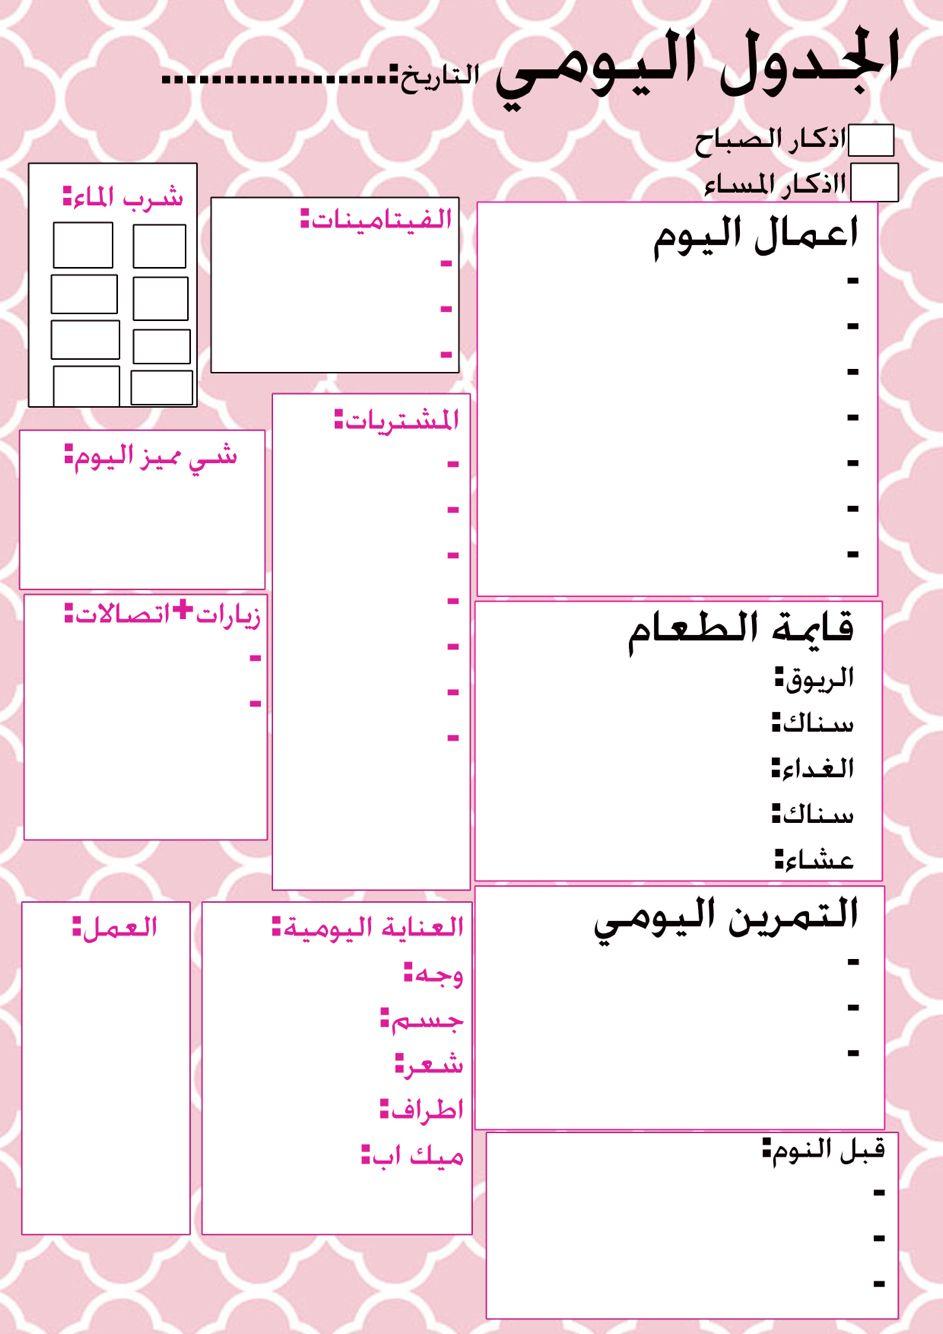 جدول تنظيم يومي من تصميمي يساعد على تادية المهام اليومية ممكن طباعة ٣٠ نسخه لشهر كامل Weekly Planner Printable Print Planner Kids Planner